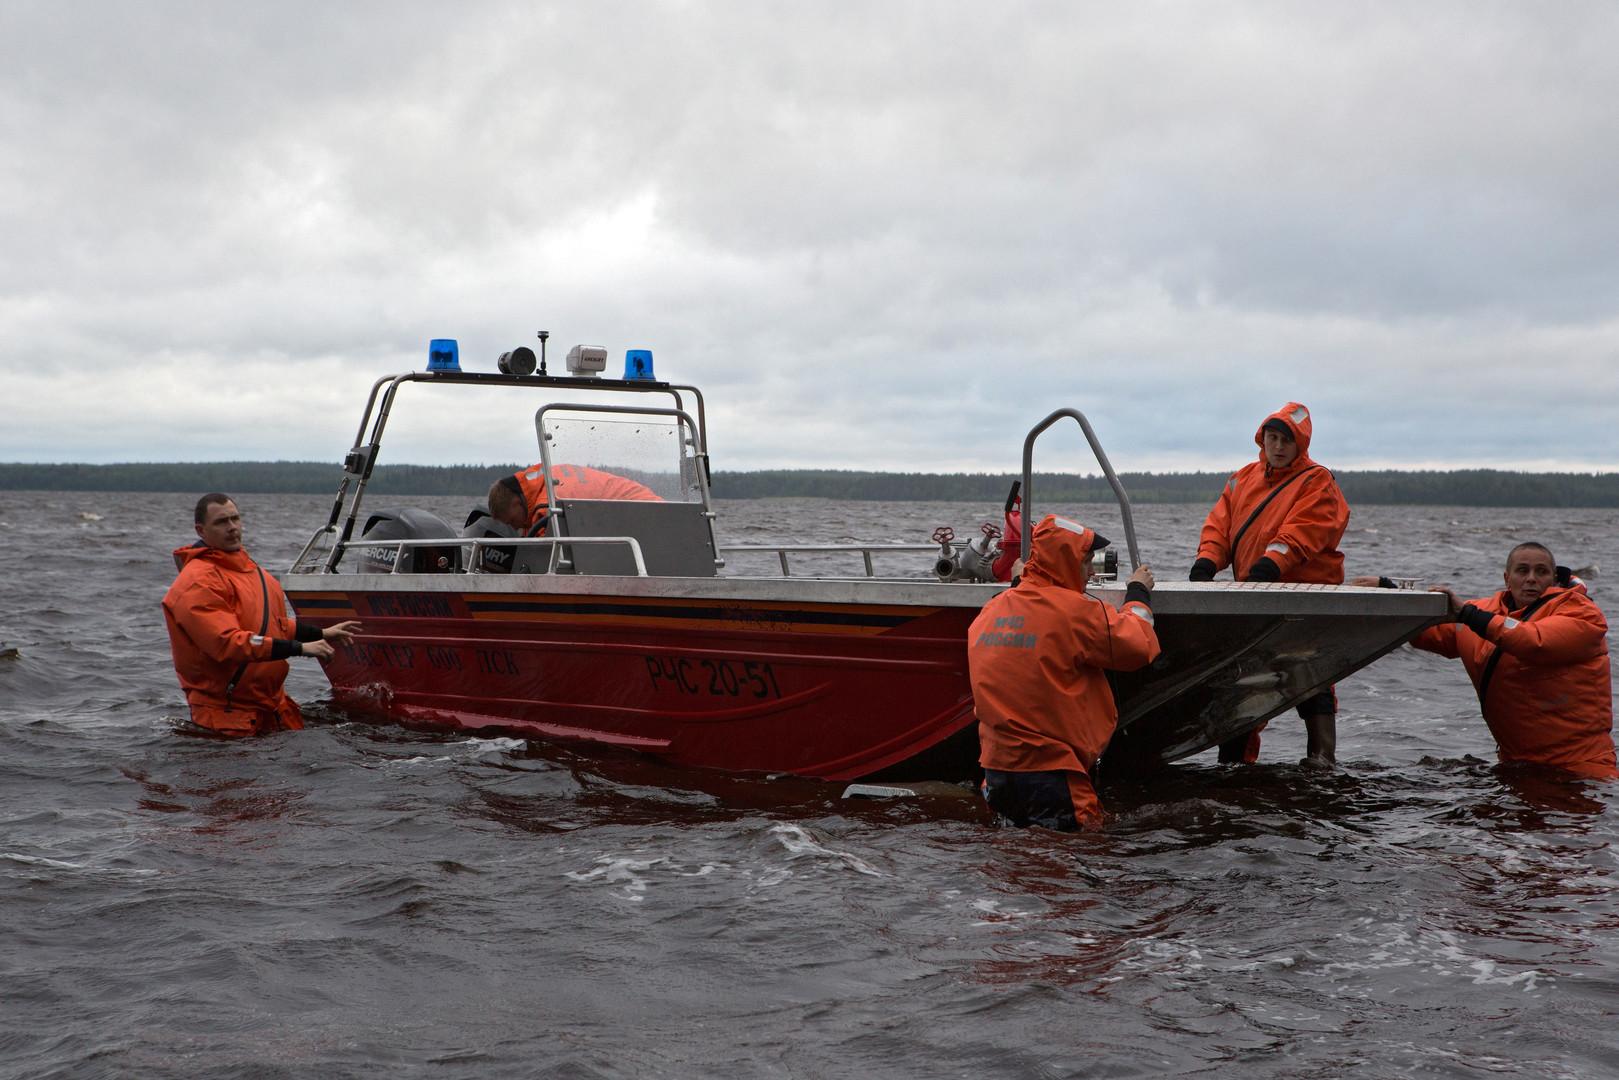 Russland trauert um 14 ertrunkene Kinder eines Ferienlagers in Karelien